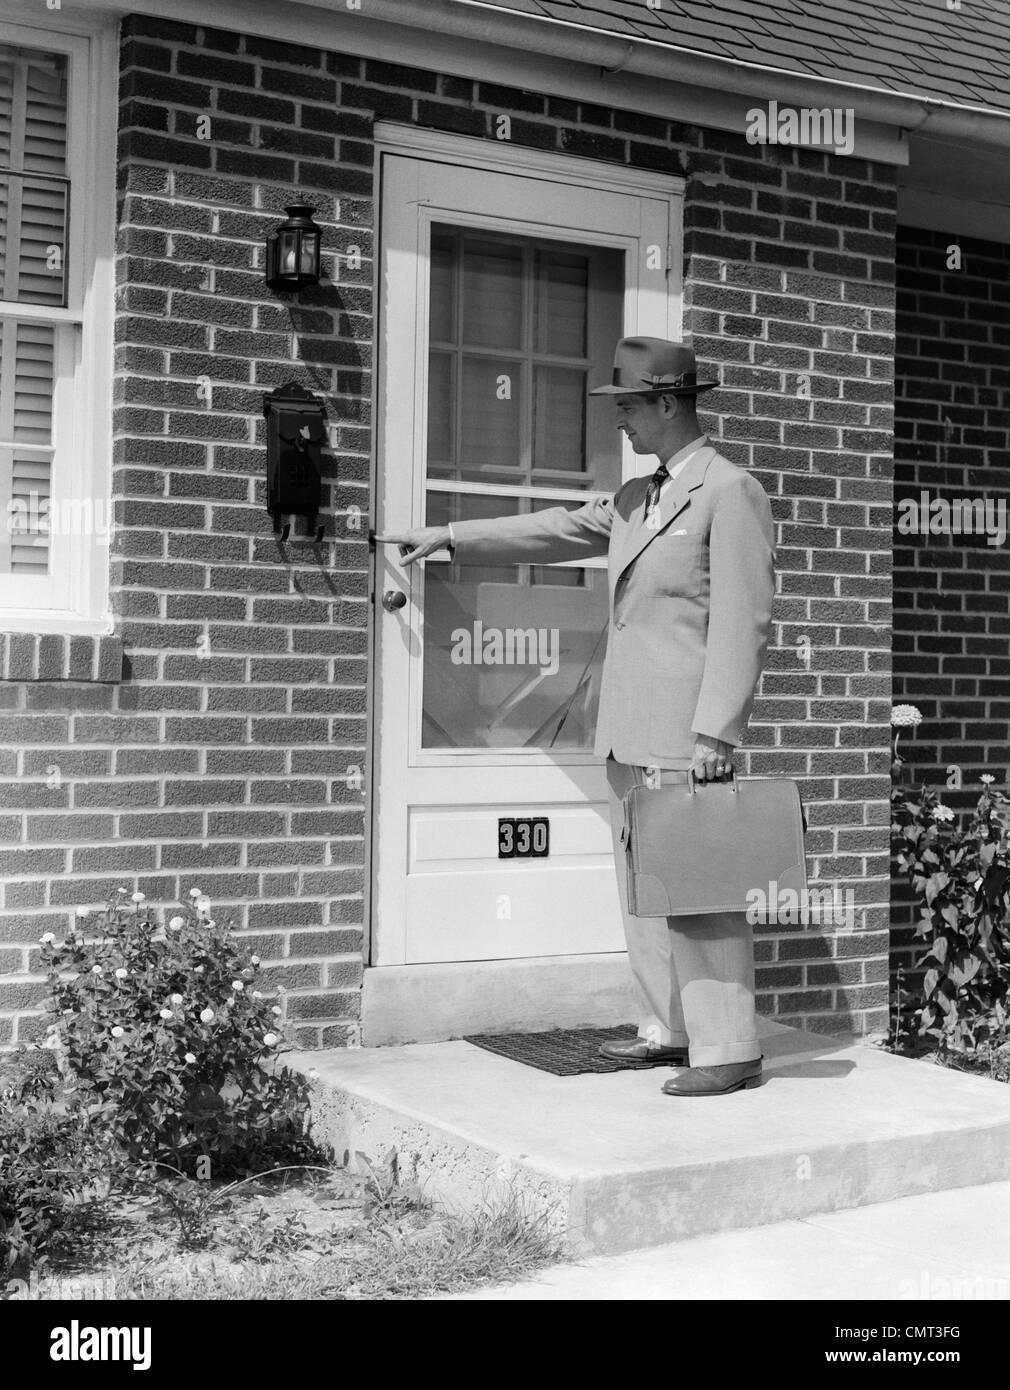 1950s DOOR-TO-DOOR SALESMAN MAN RINGING DOORBELL AT SUBURBAN HOUSE FRONT DOOR OUTDOOR & 1950s DOOR-TO-DOOR SALESMAN MAN RINGING DOORBELL AT SUBURBAN HOUSE ...